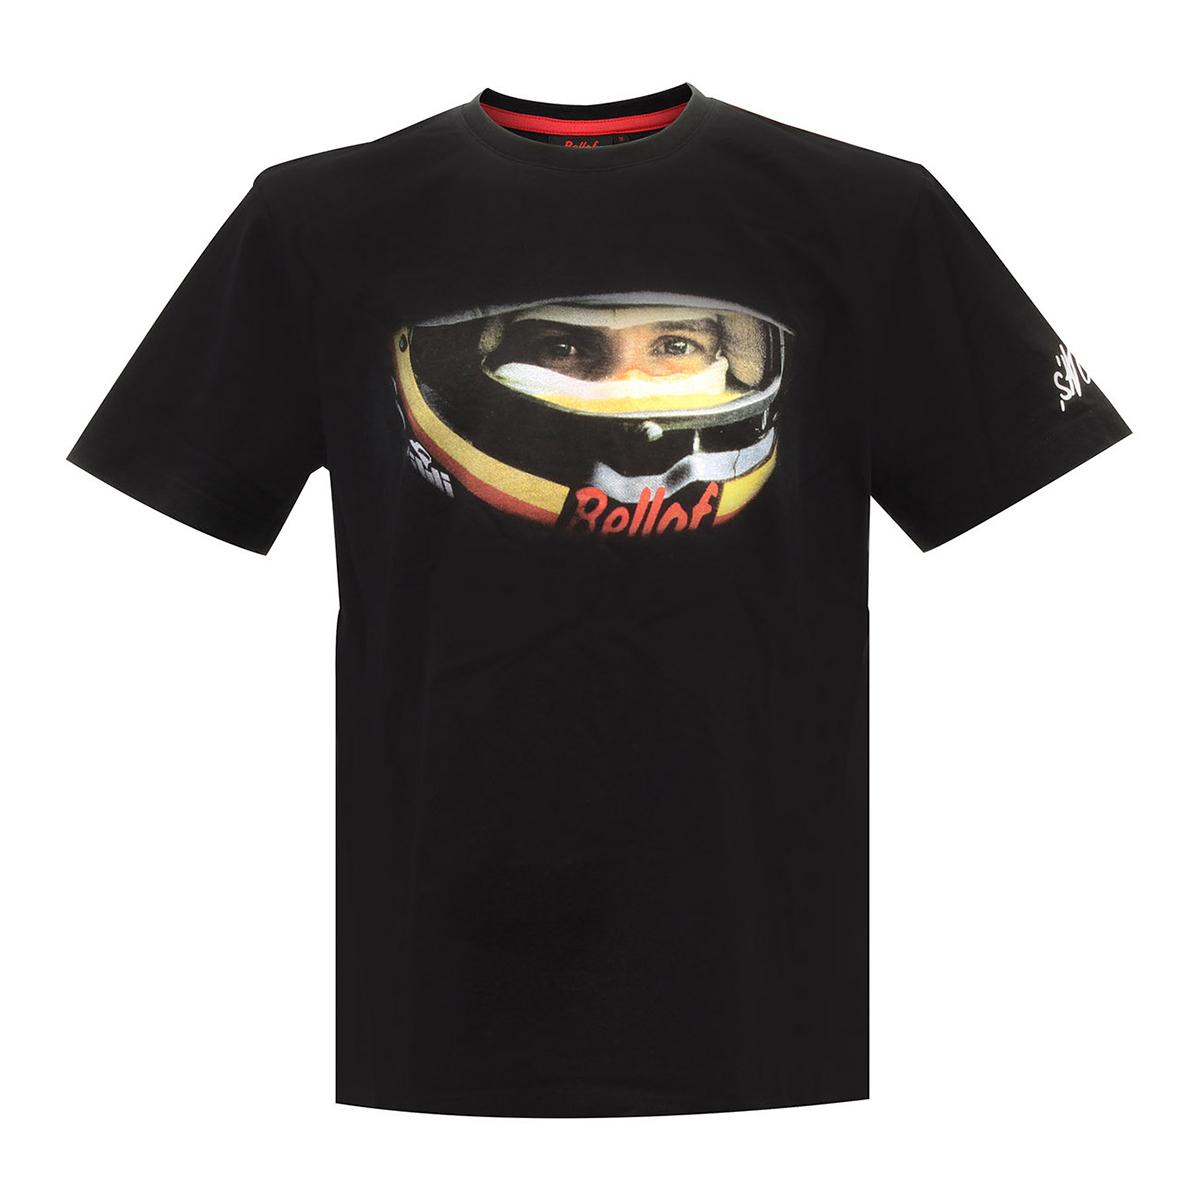 stefan-bellof-t-shirt-helm-front